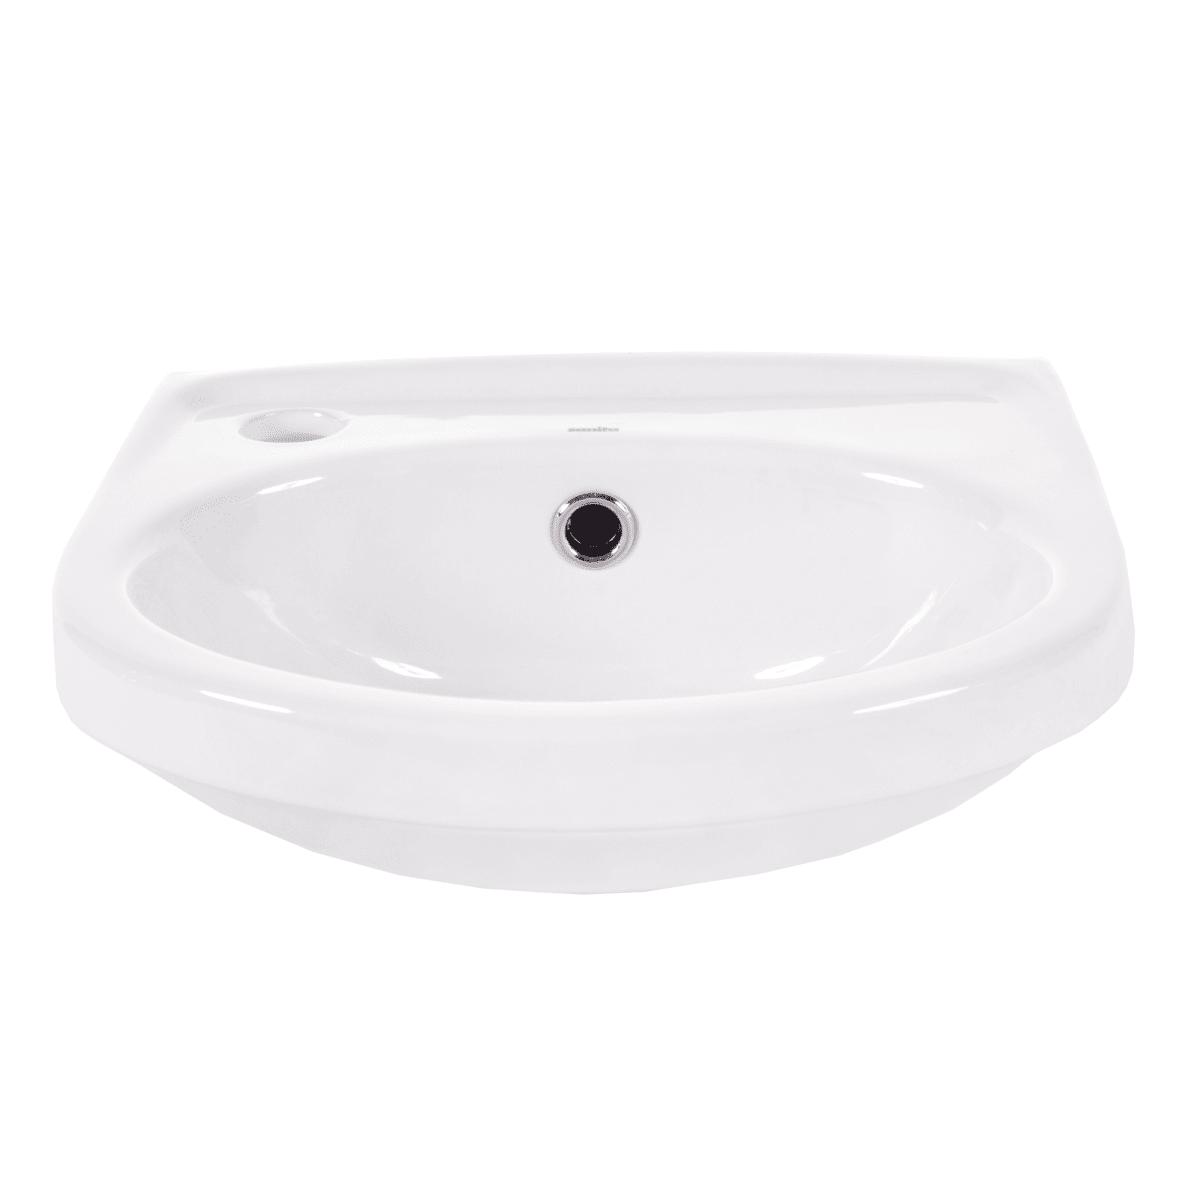 Мини-раковина Sanita Лада, фарфор 31 см, цвет белый